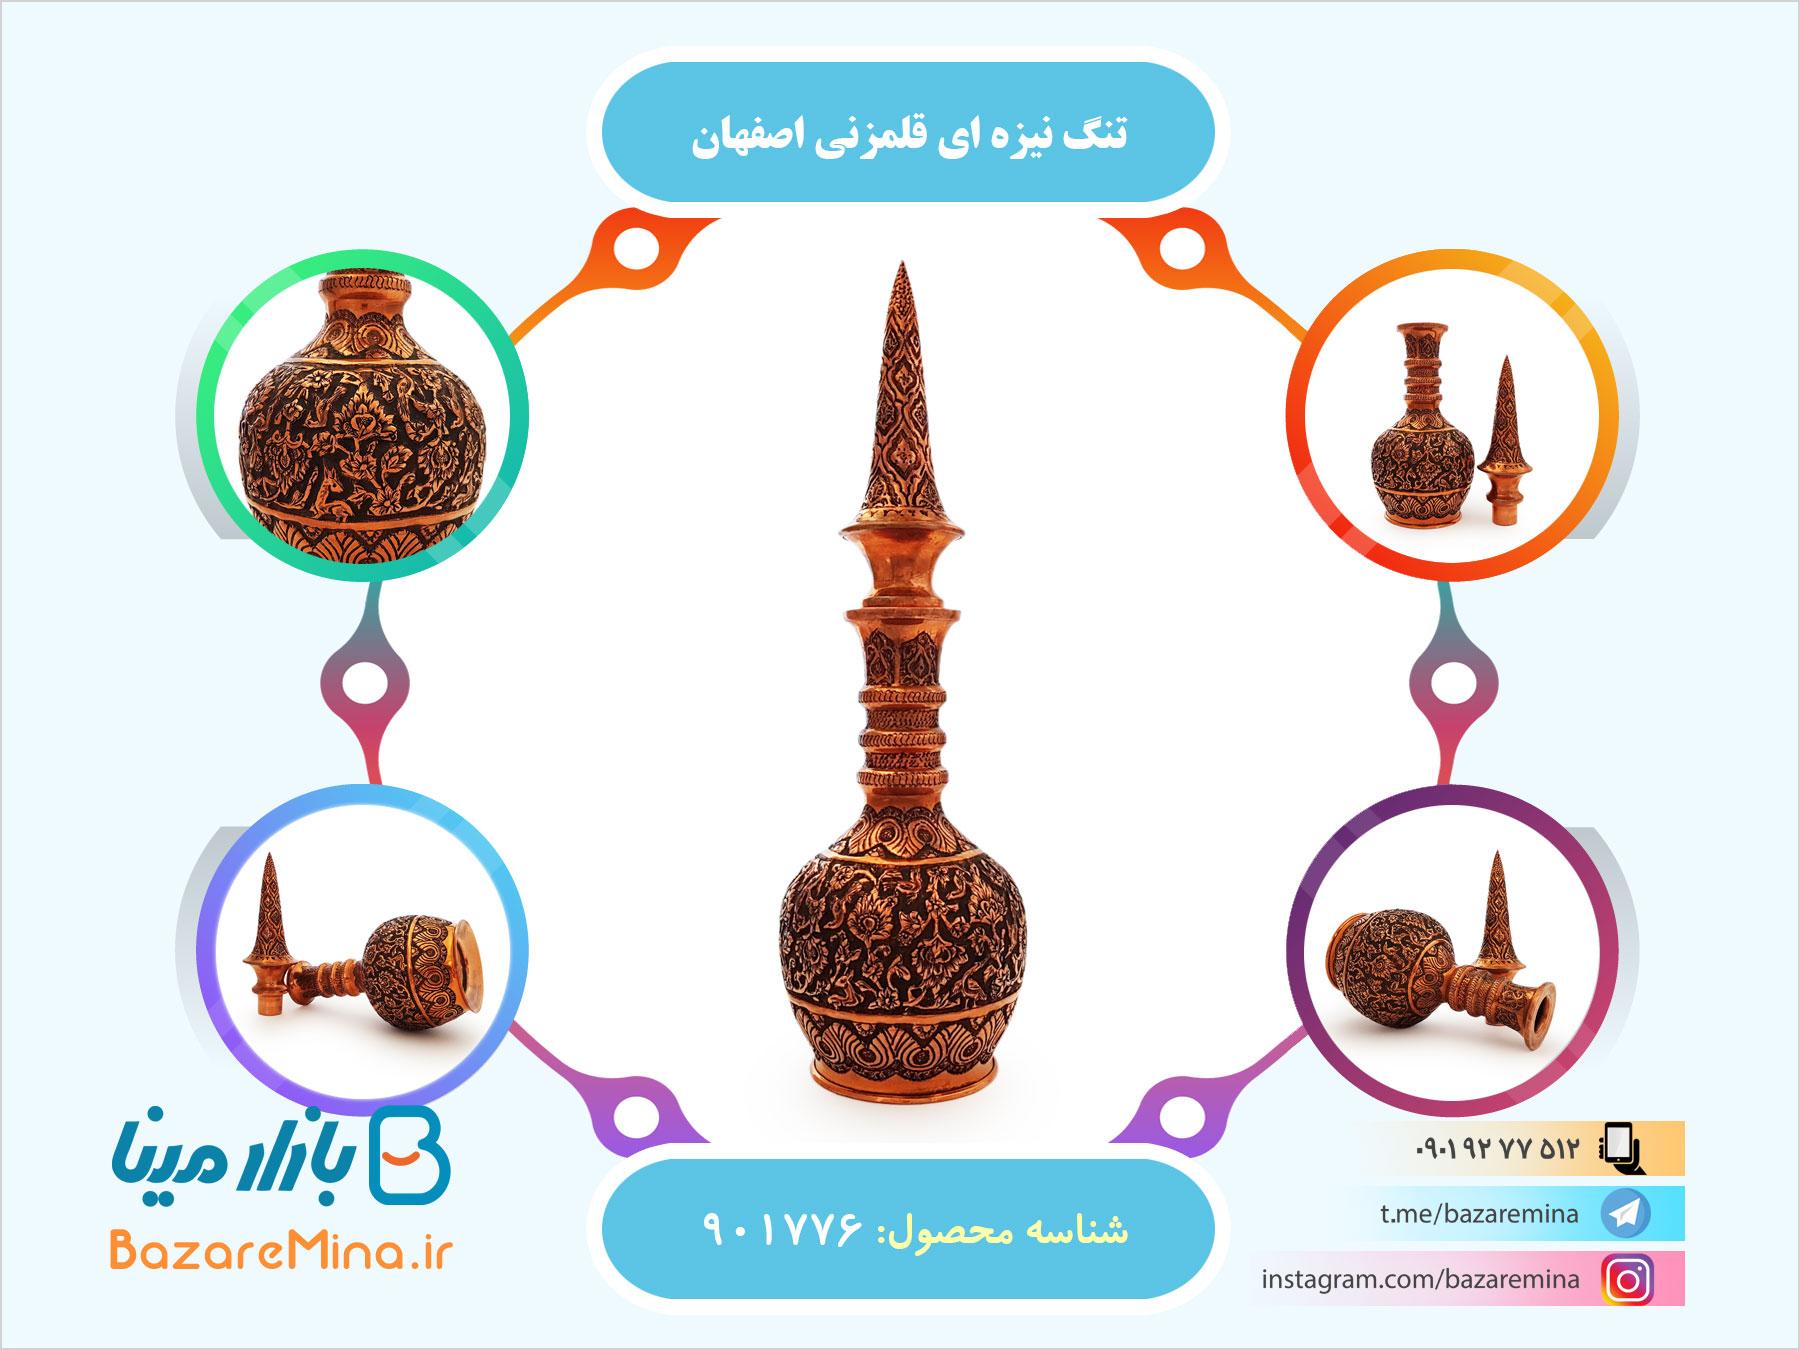 تنگ نیزه ای قلمزنی اصفهان